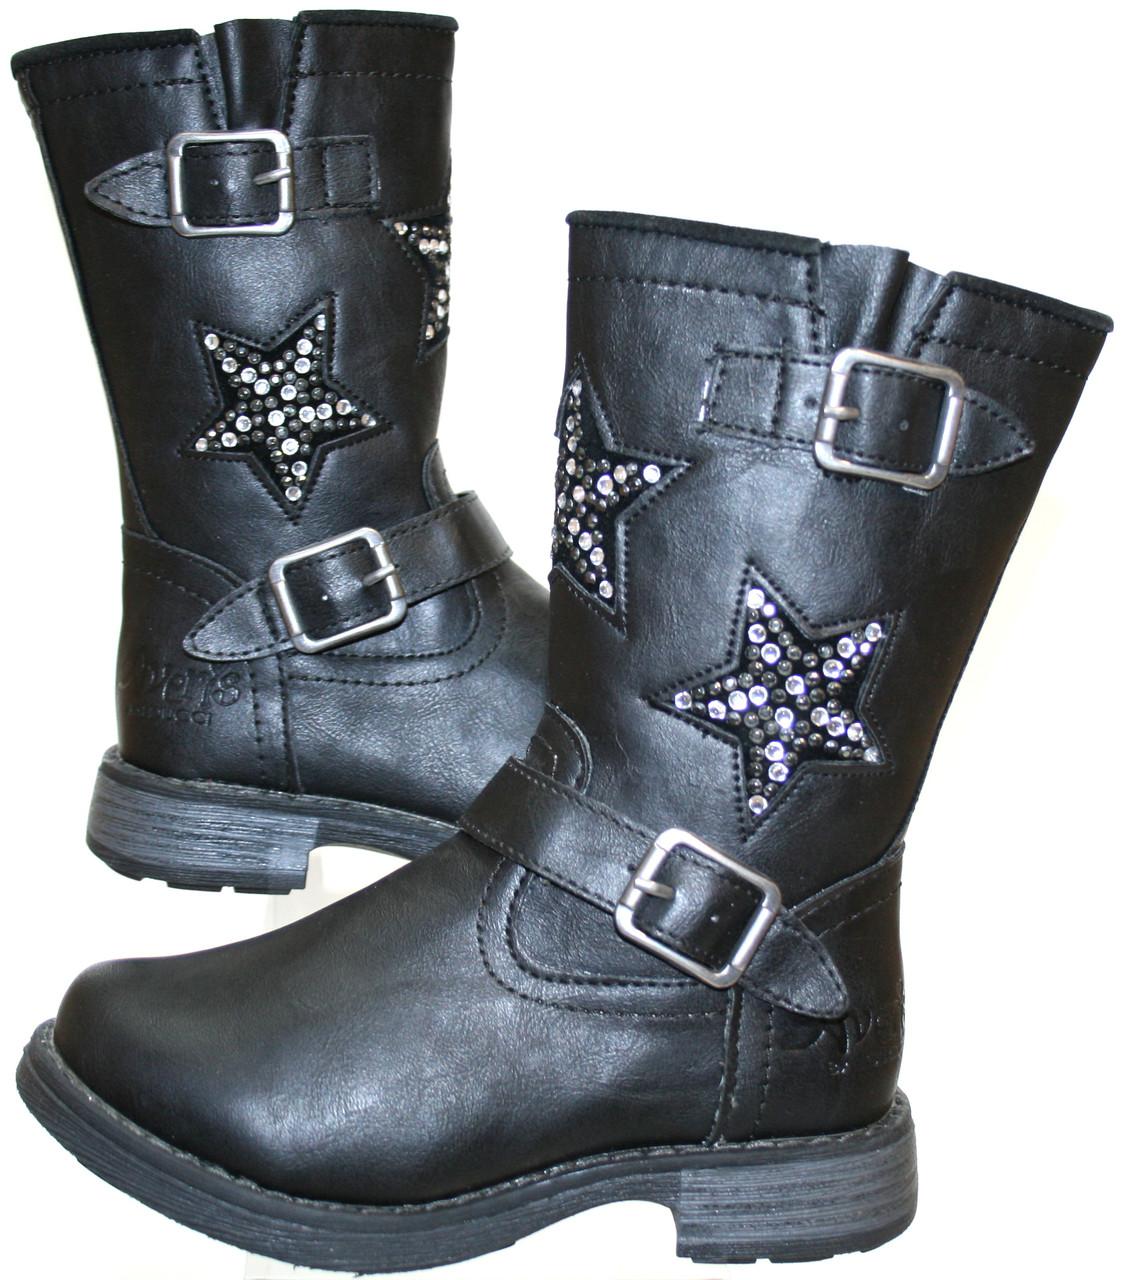 Дитячі брендові чоботи від ТМ Balducci 28-34